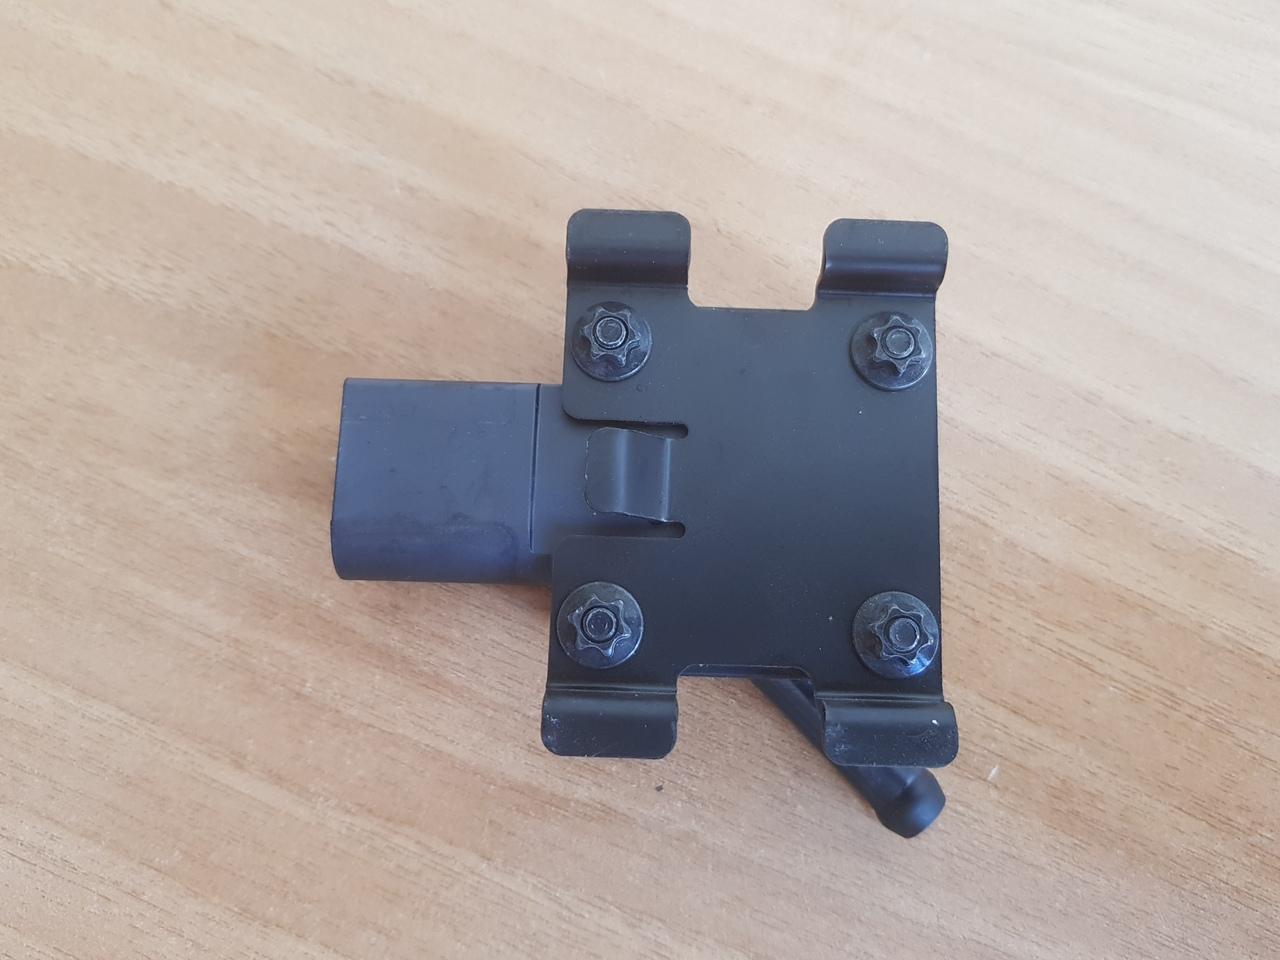 senzor presiune filtru particule bmw E83 e81 e65 e66 E60 E90 e70  cod  13627789219